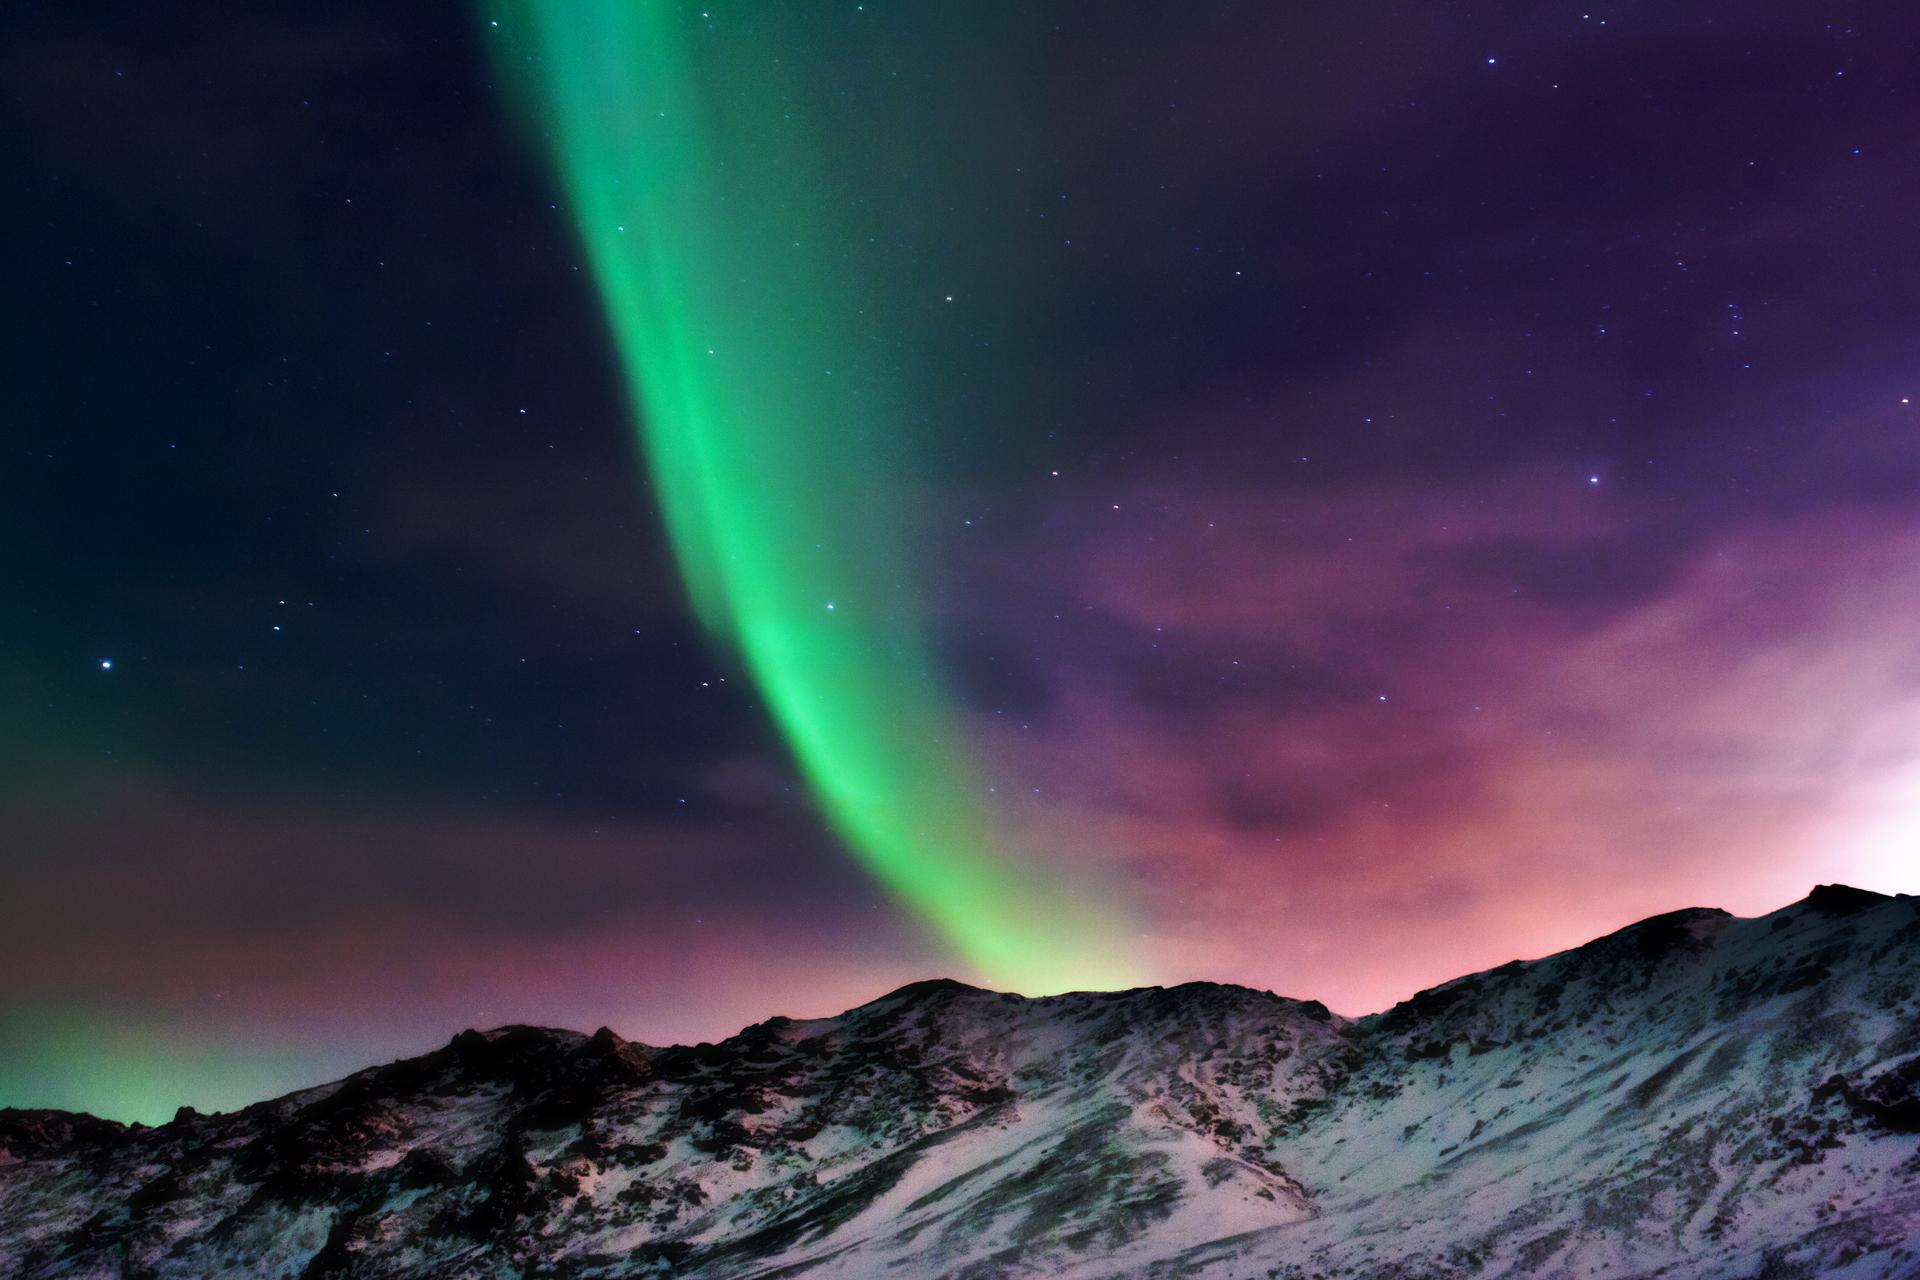 aurora boreale hd wallpaper sfondi 1920x1280 id